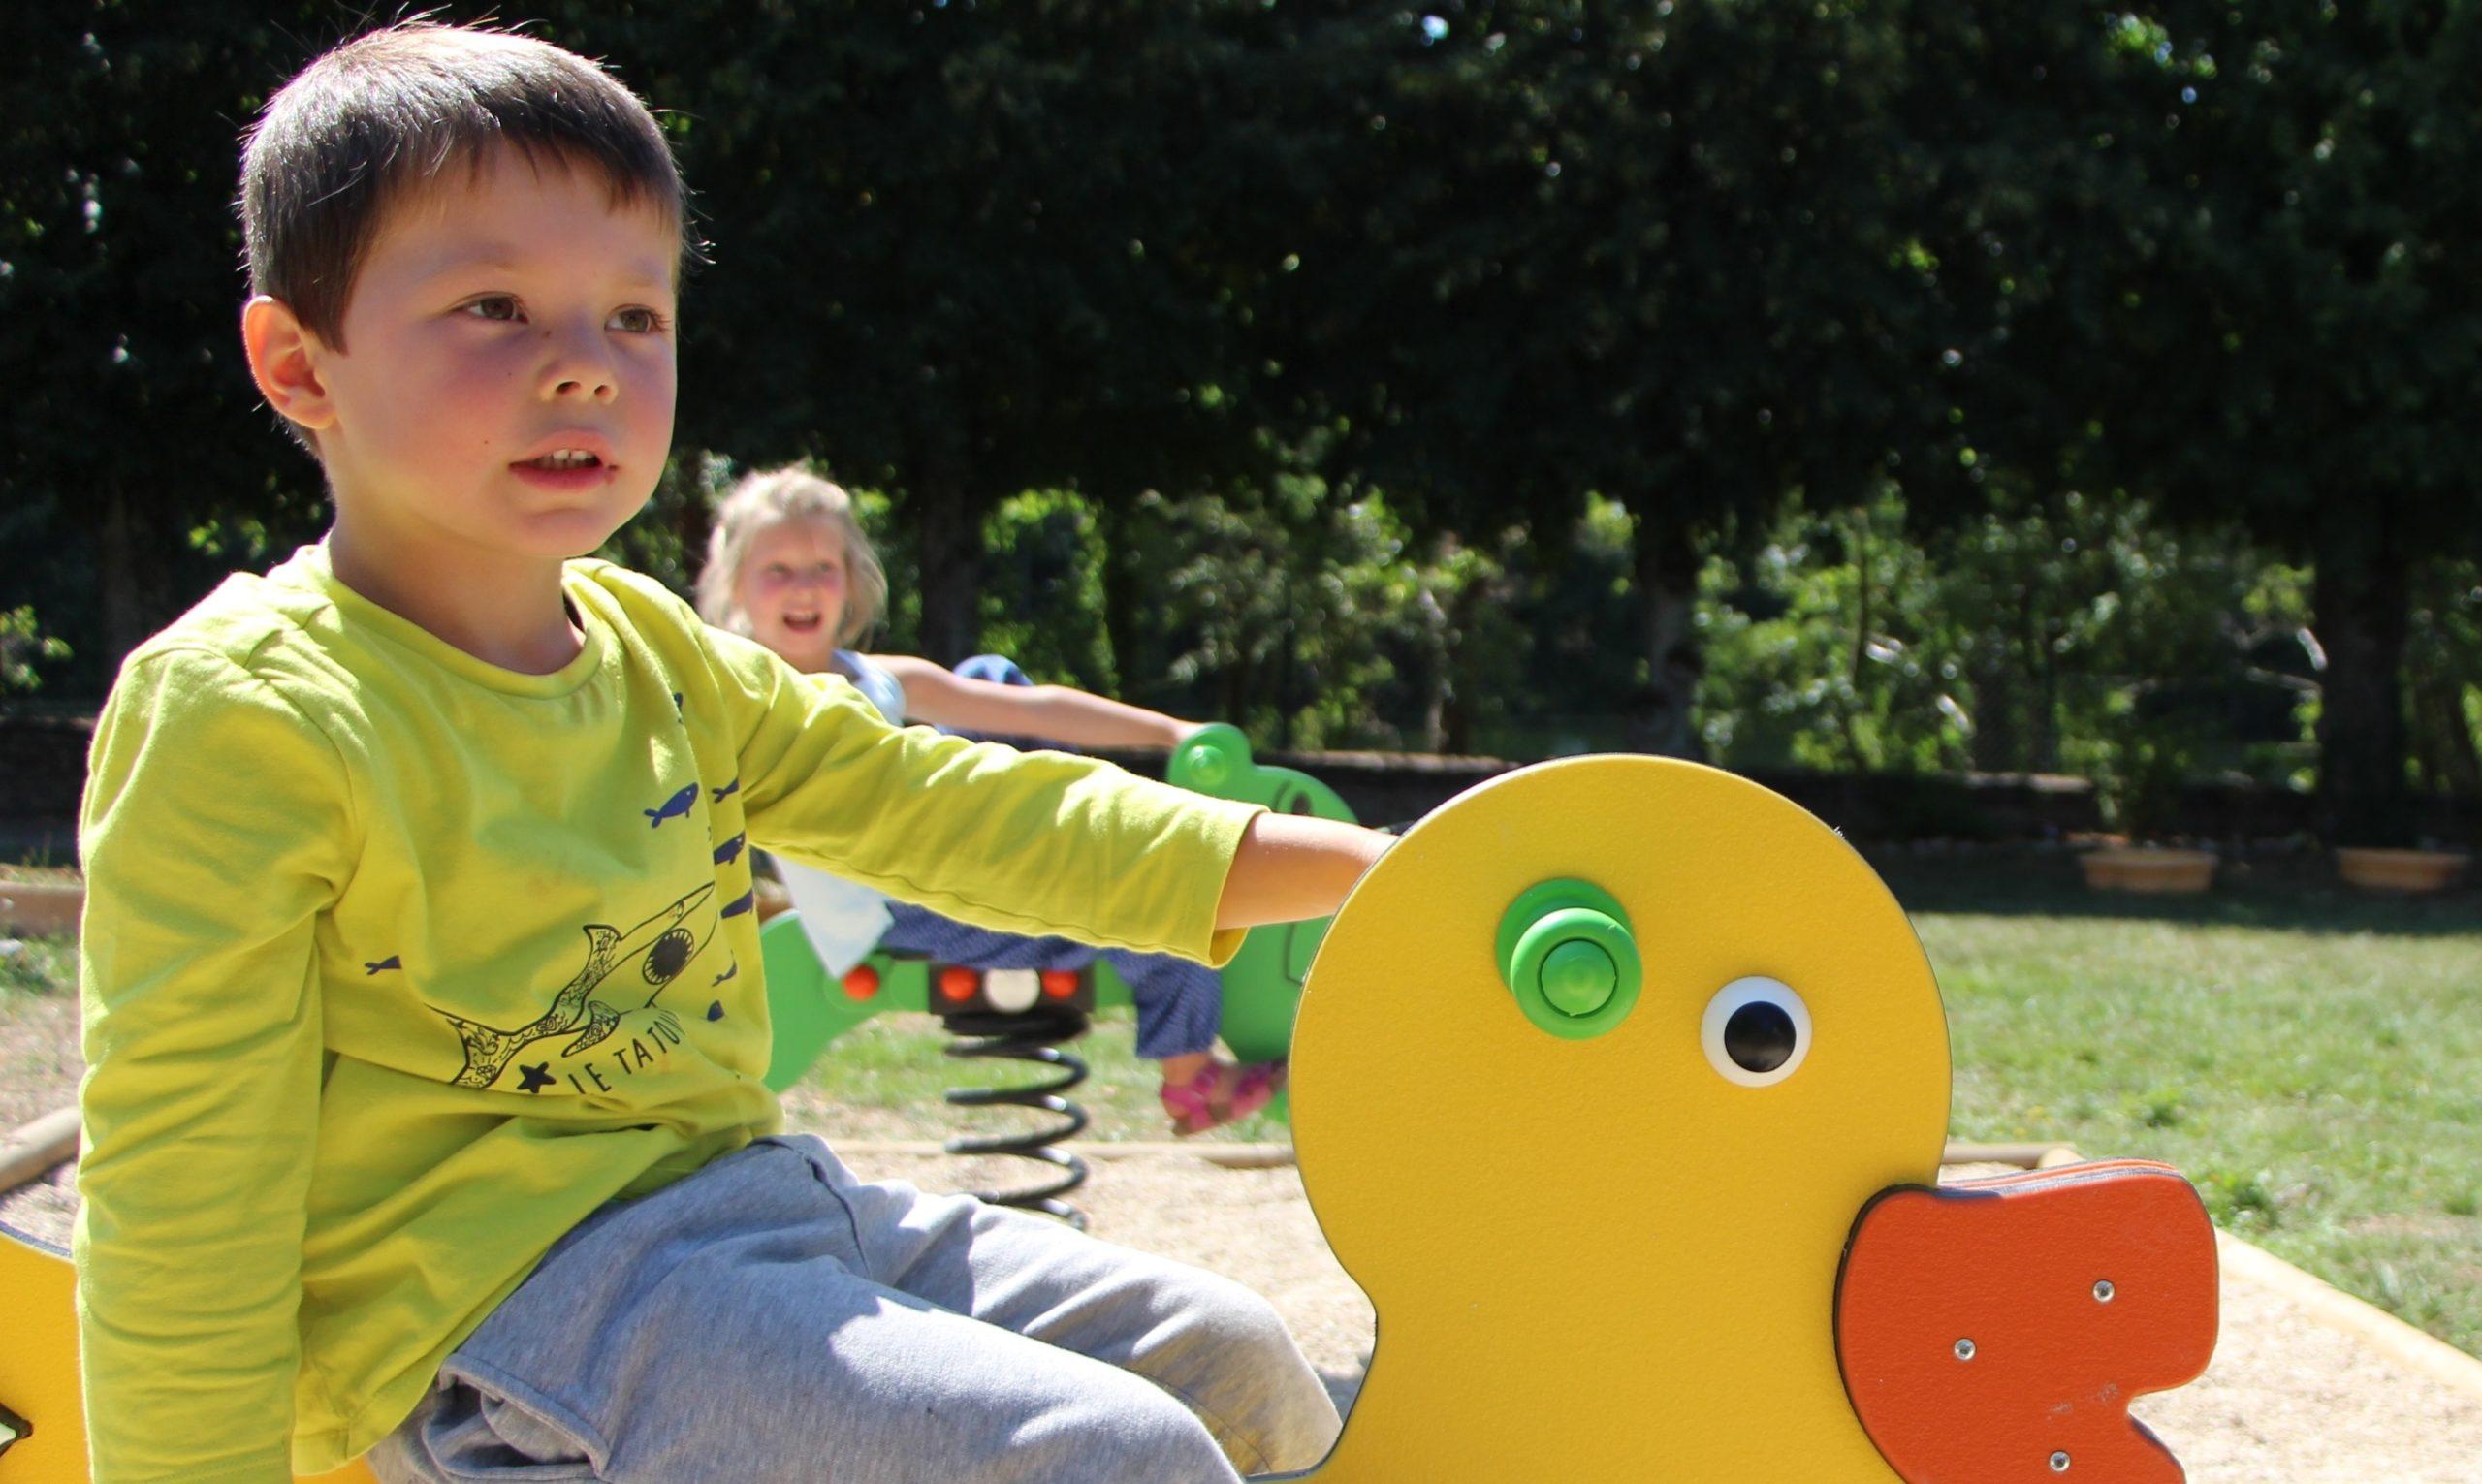 Jeux pour enfants Vallée de l'Yonne